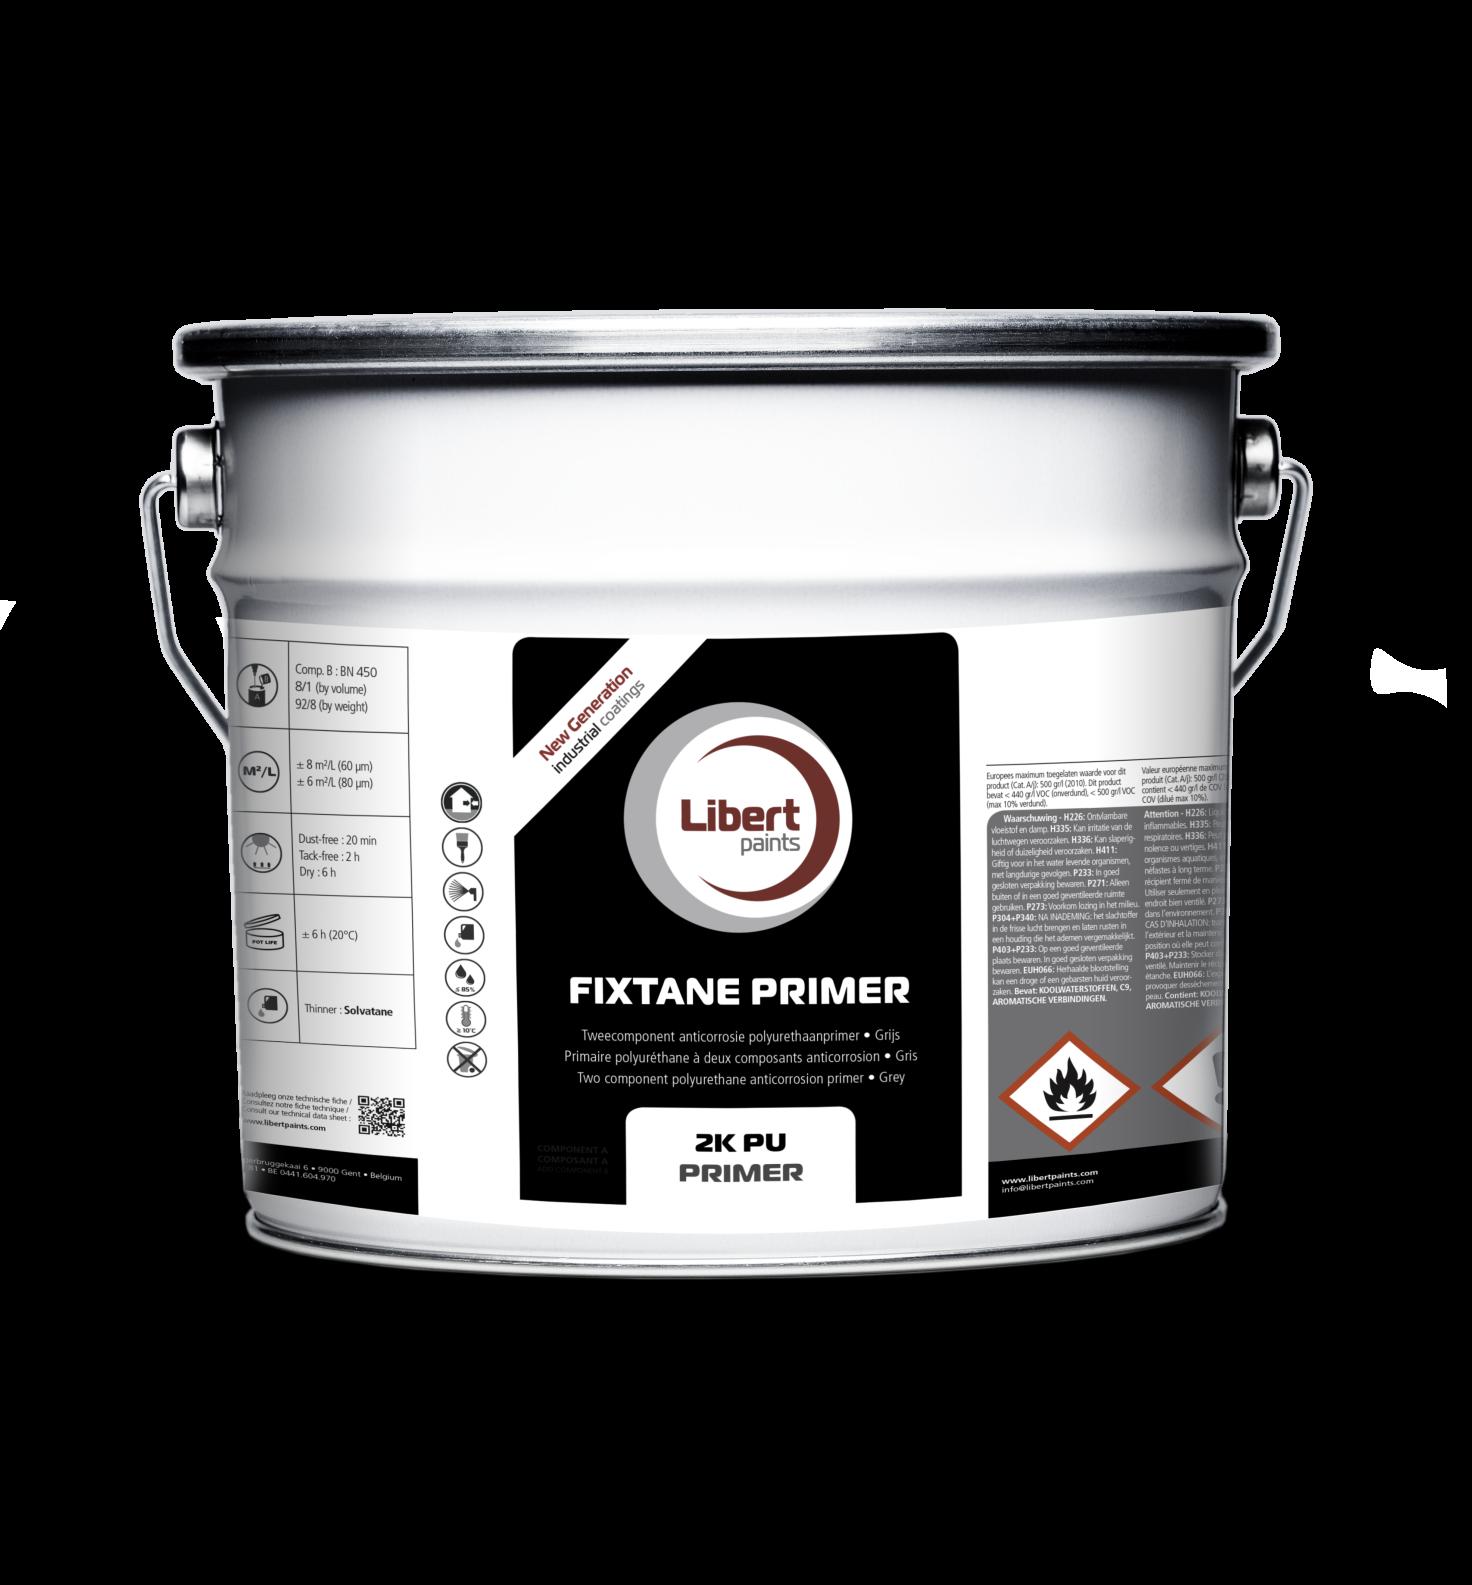 Fixtane Primer 8L.png